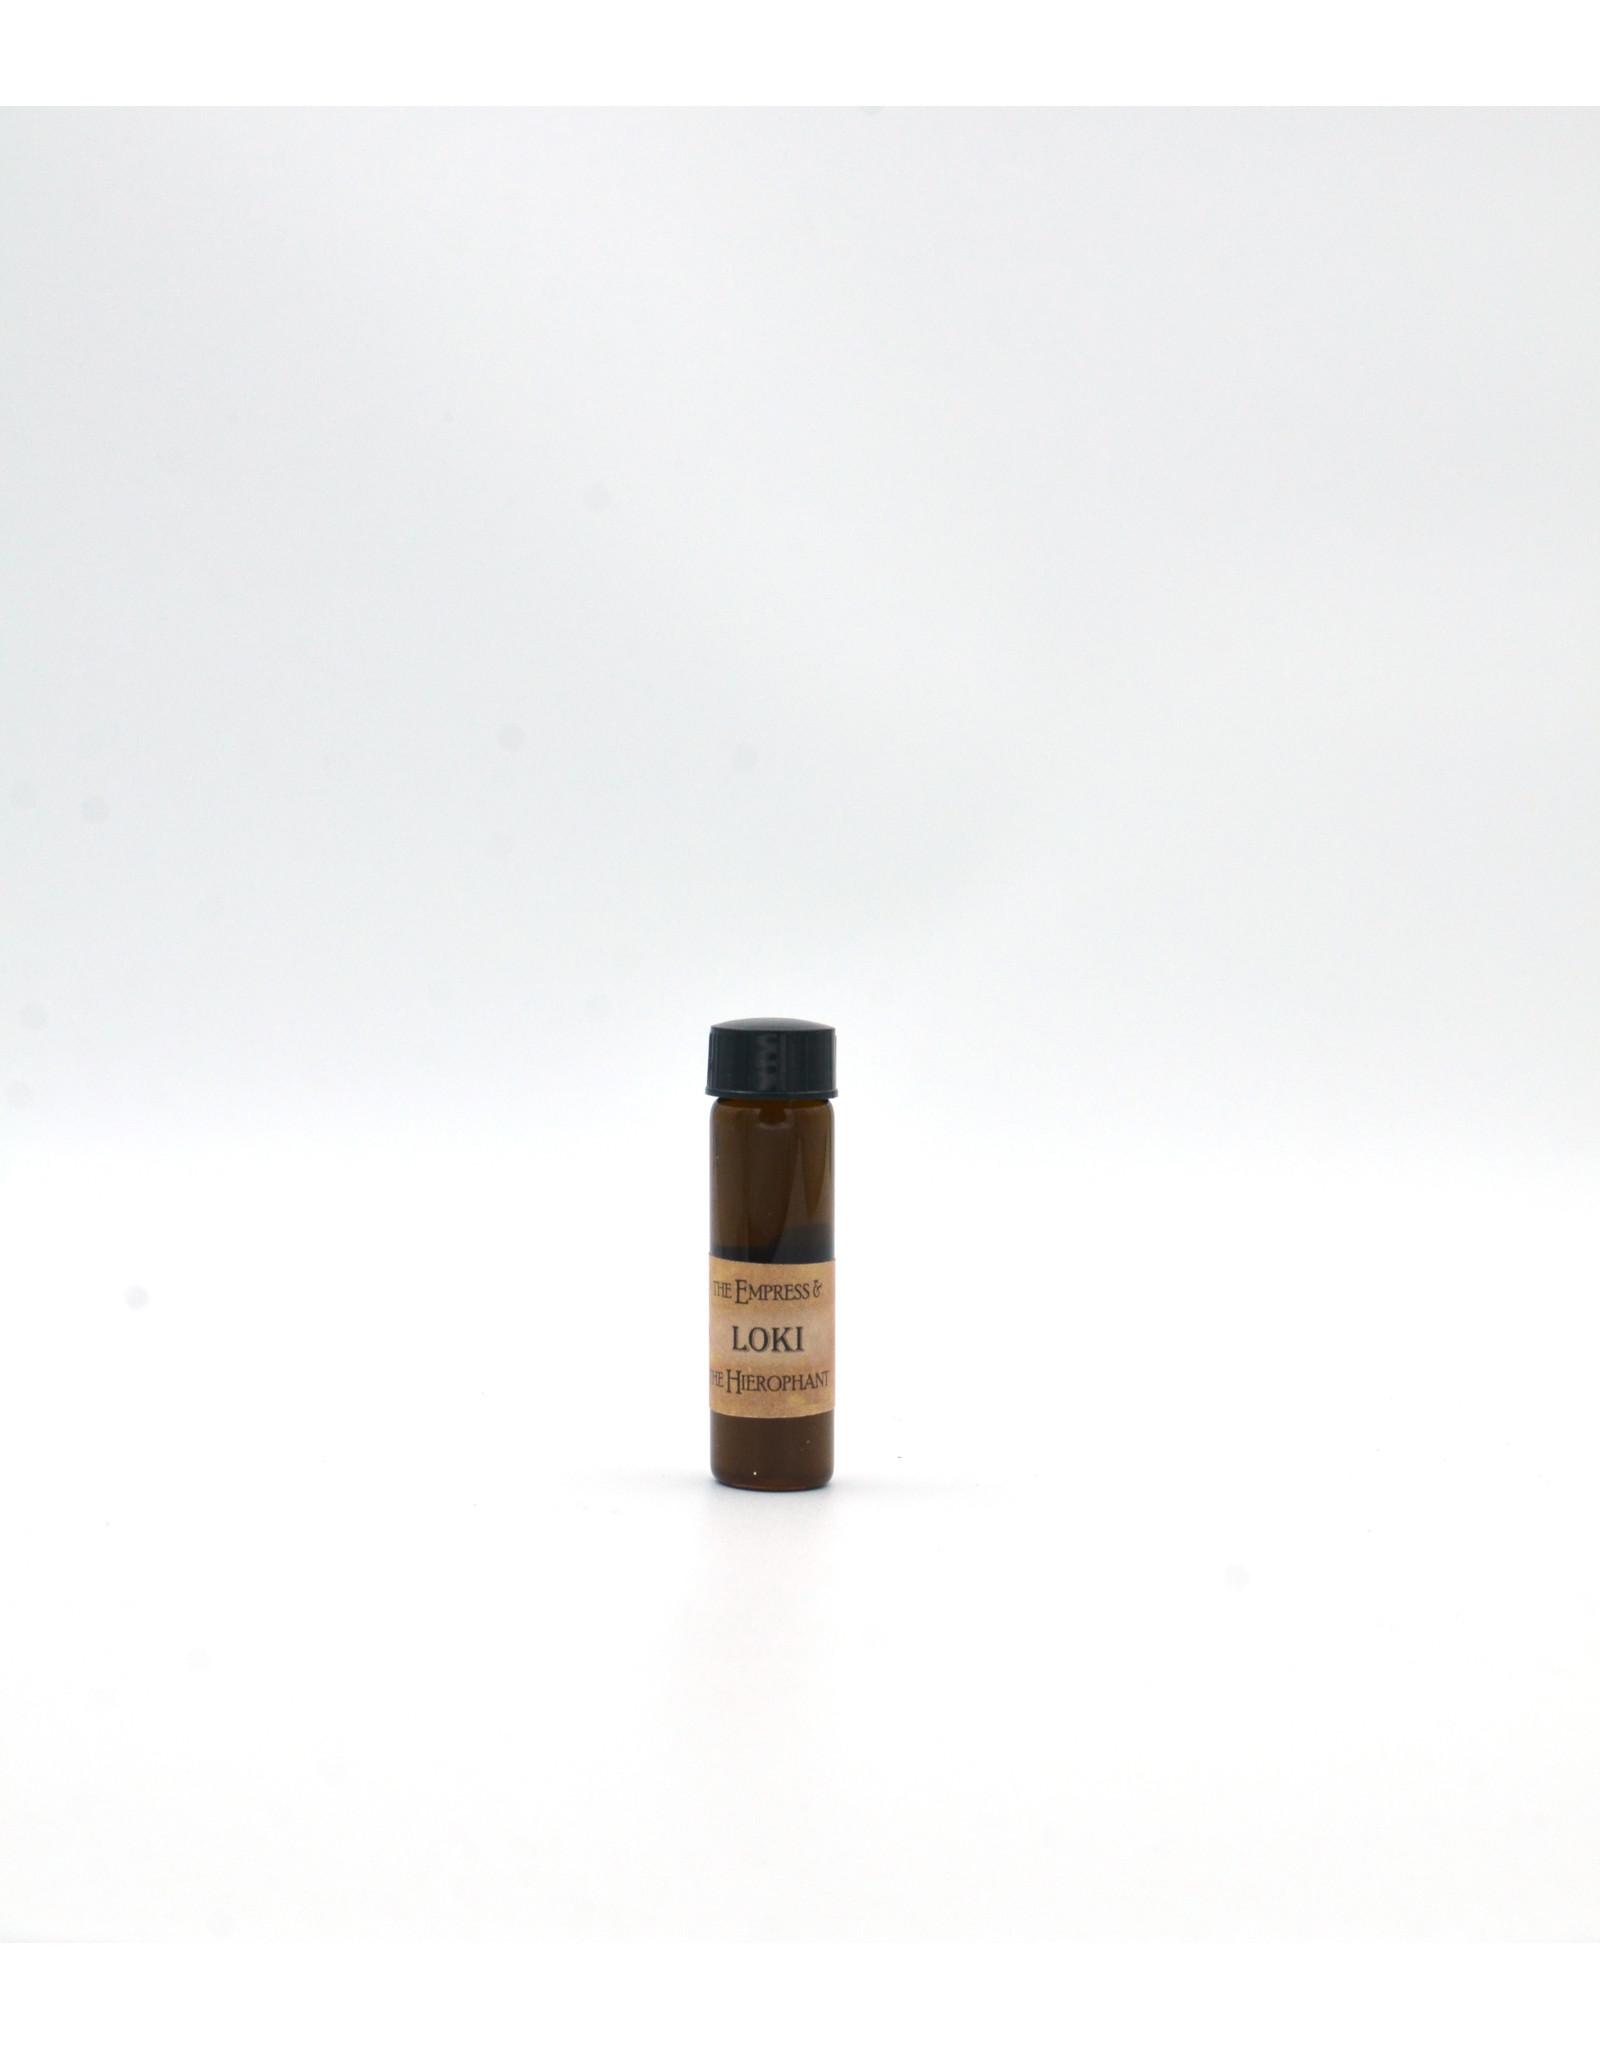 Loki Magickal Oil 2 Dram Bottle